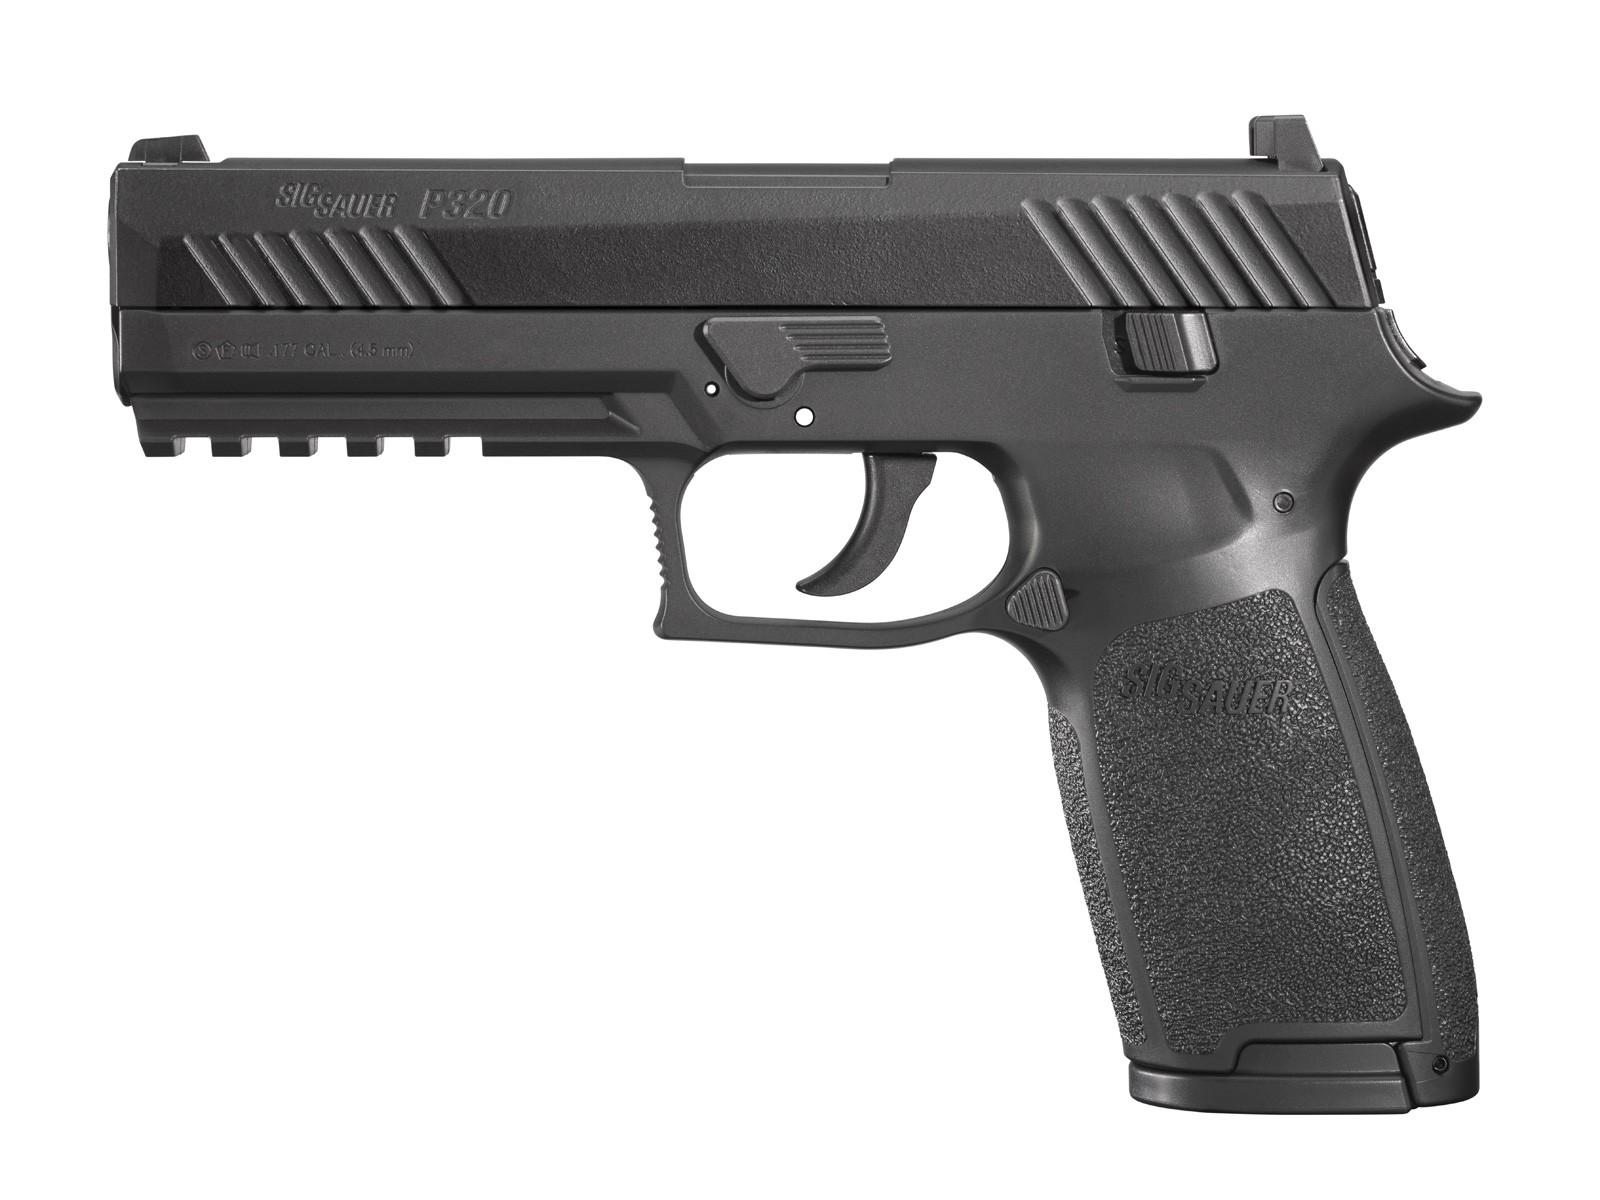 SIG Sauer P320 CO2 Pistol, Metal Slide, Black 0.177 Image